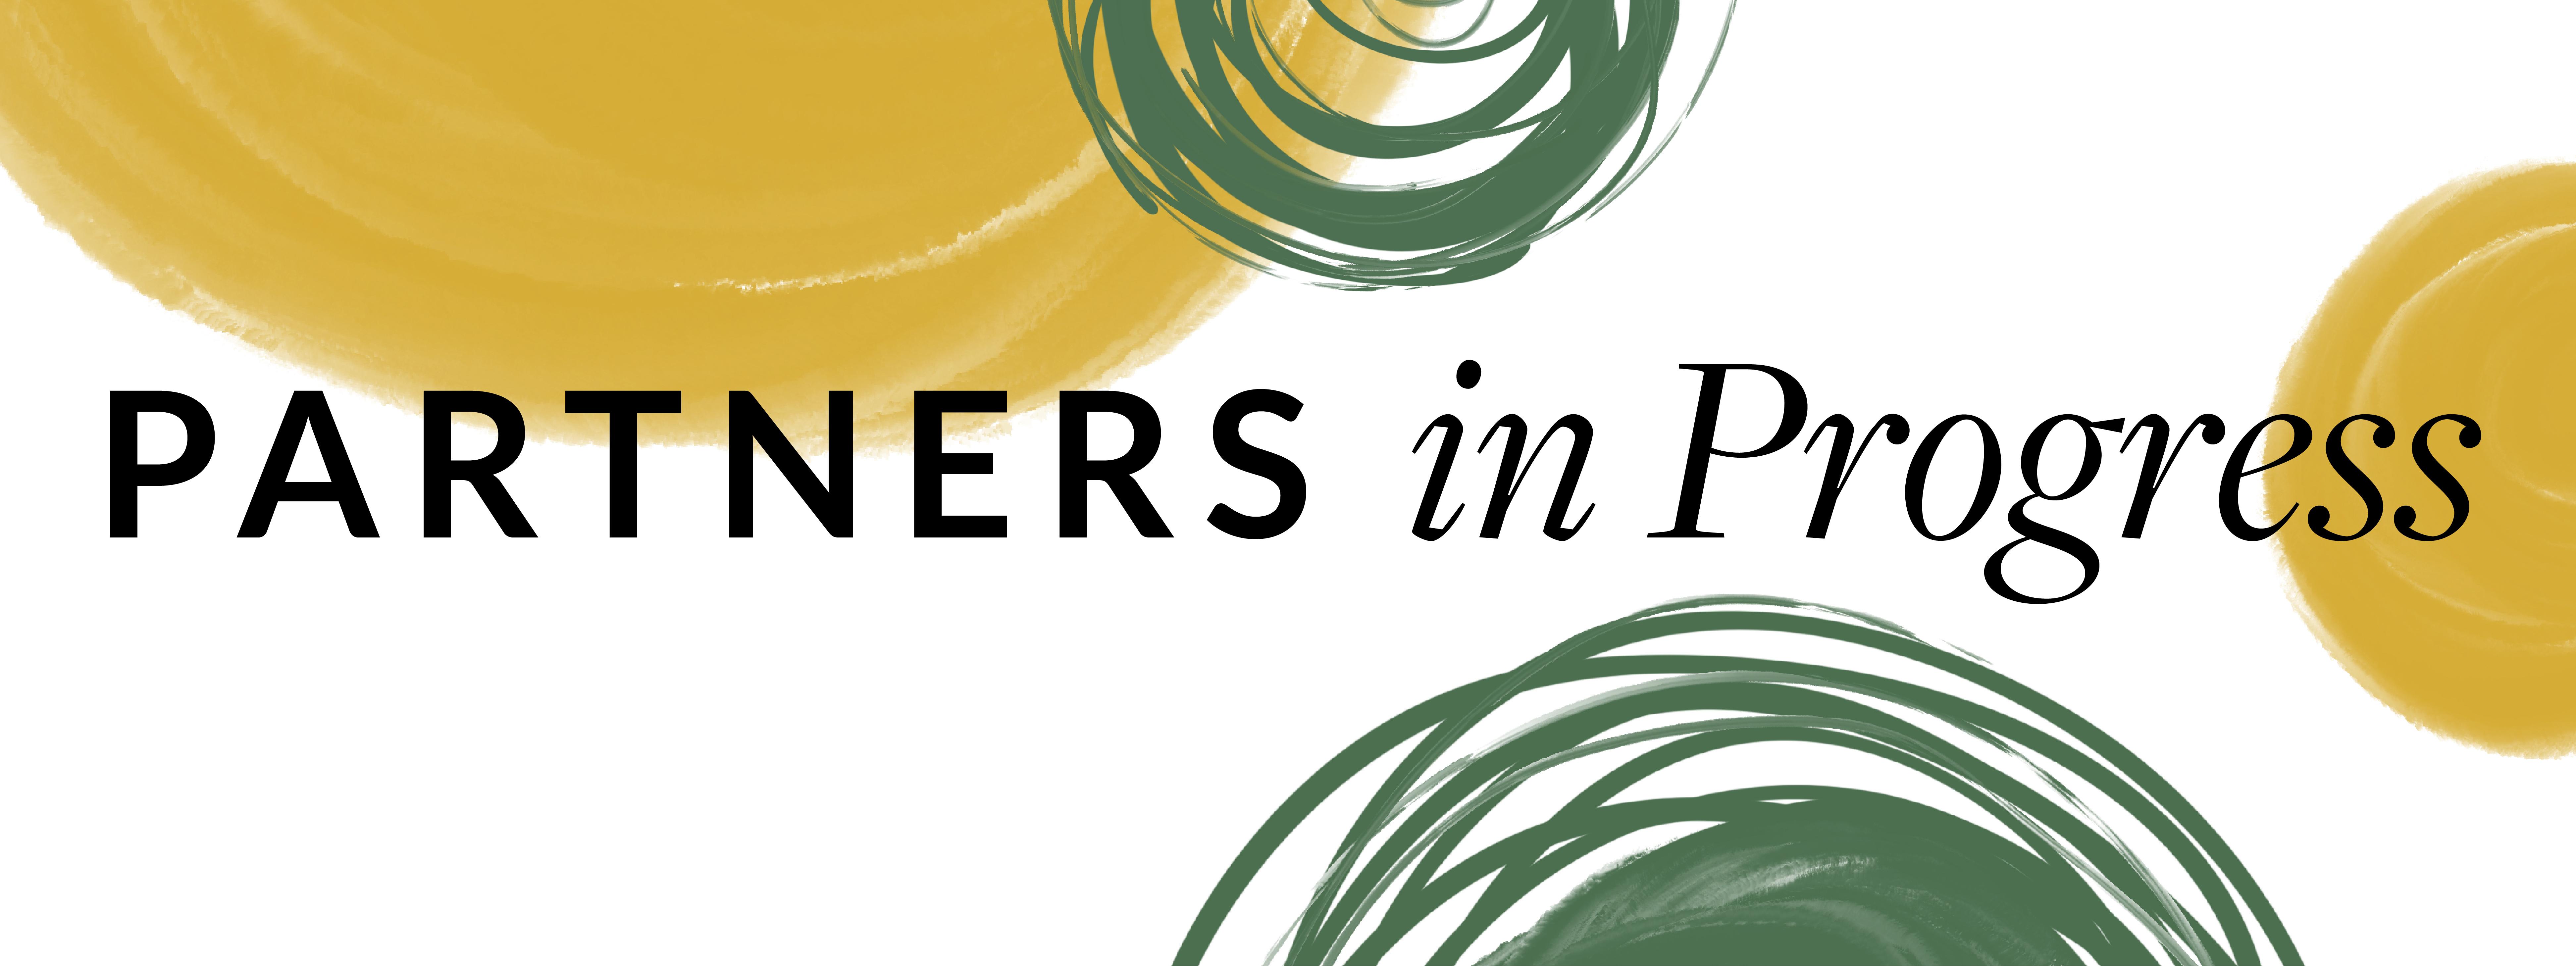 Partners-in-Progress.jpg#asset:4985